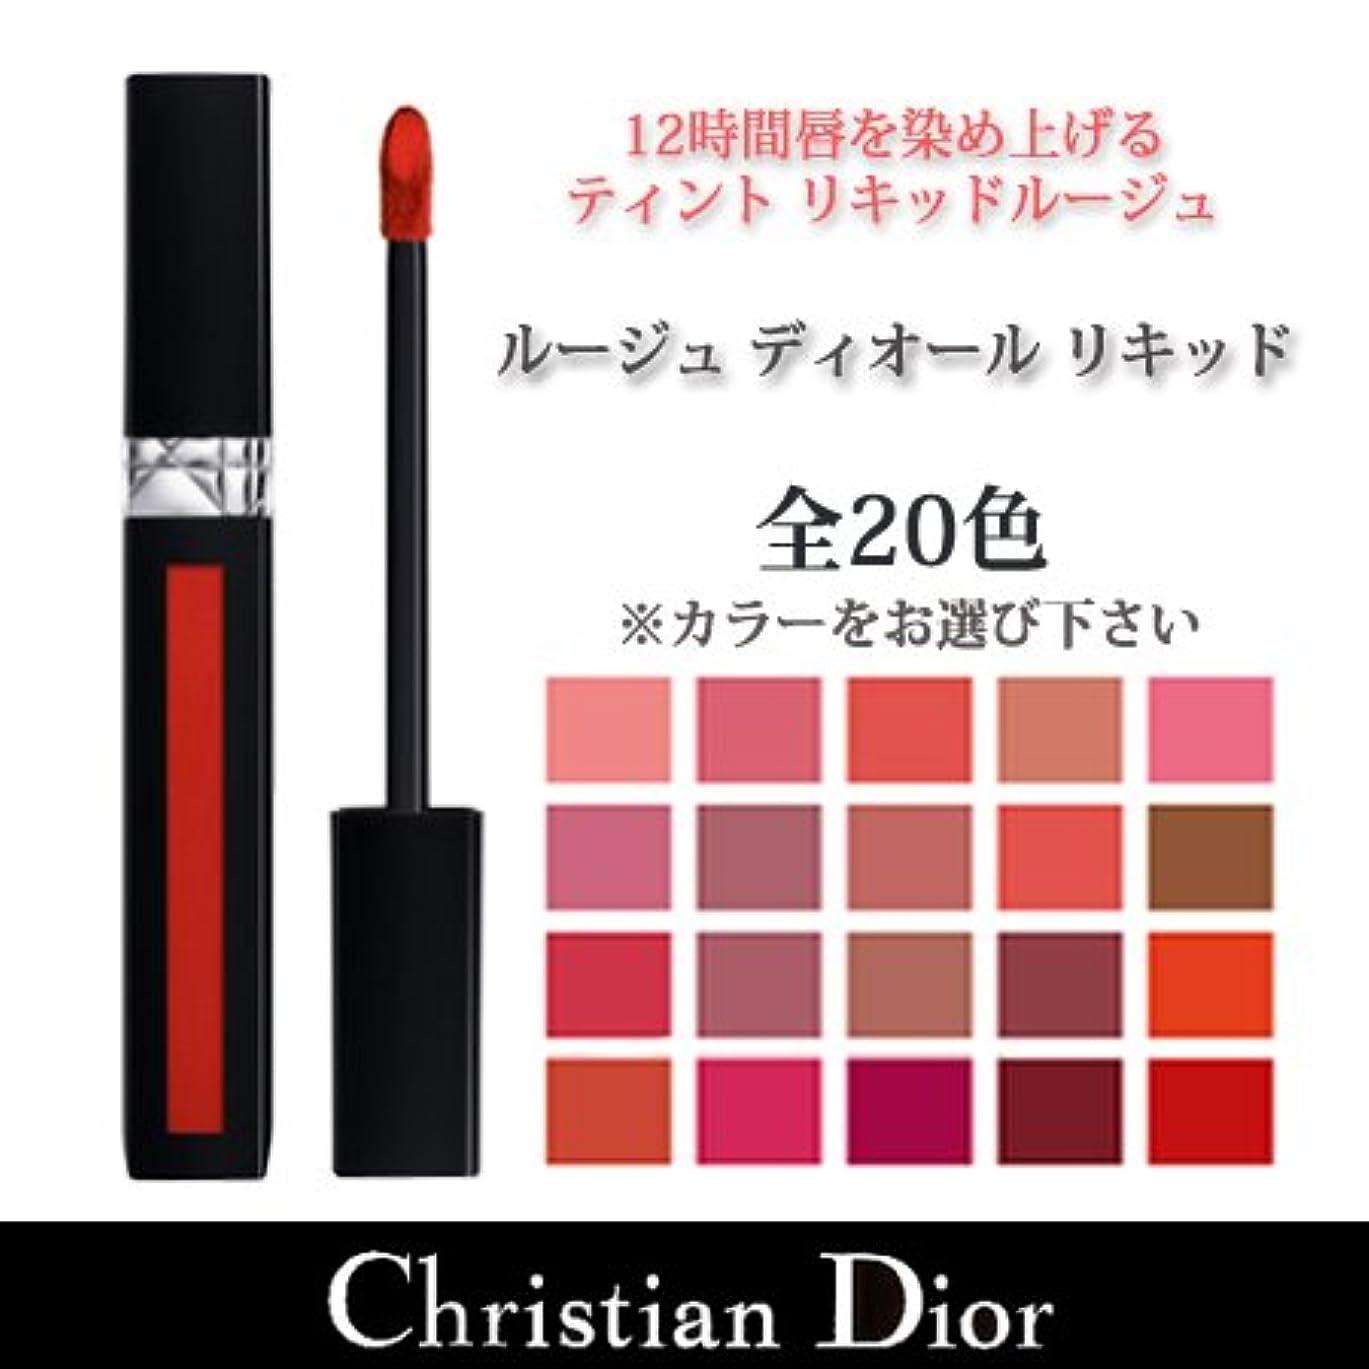 リレーペストメタリックディオール ルージュ ディオール リキッド 全20色 -Dior- 272